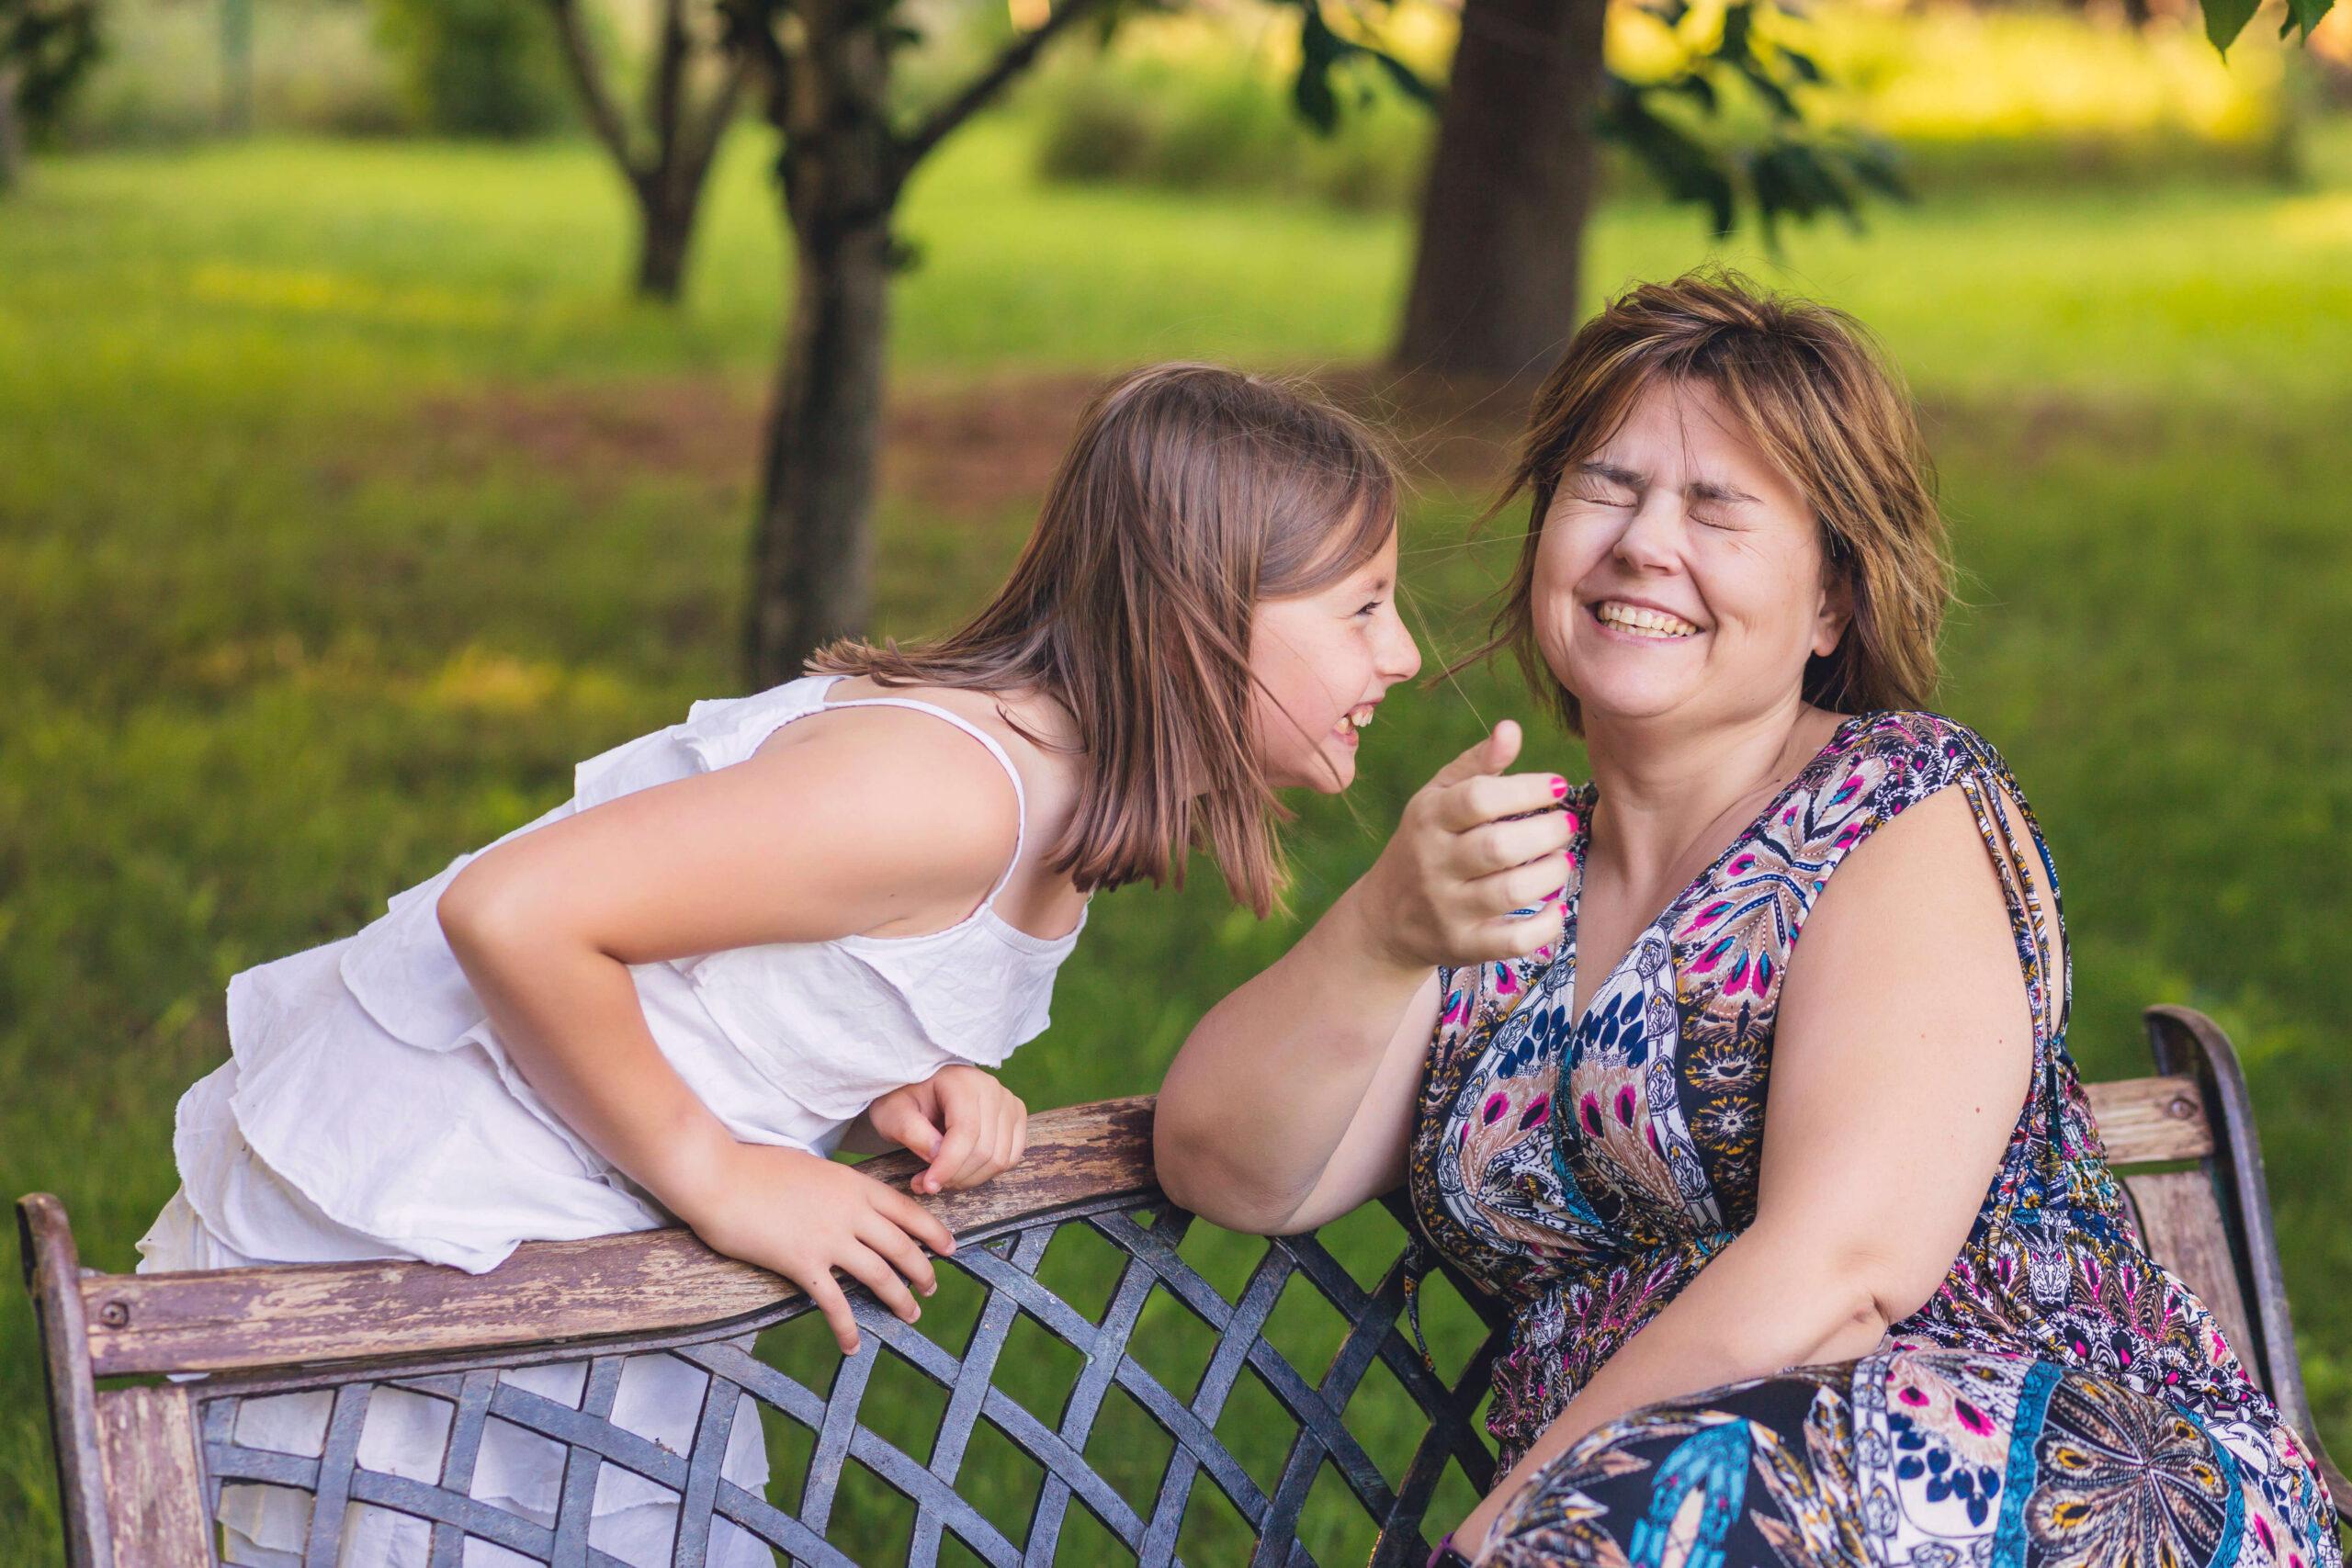 Madre e hija pasan un divertido rato